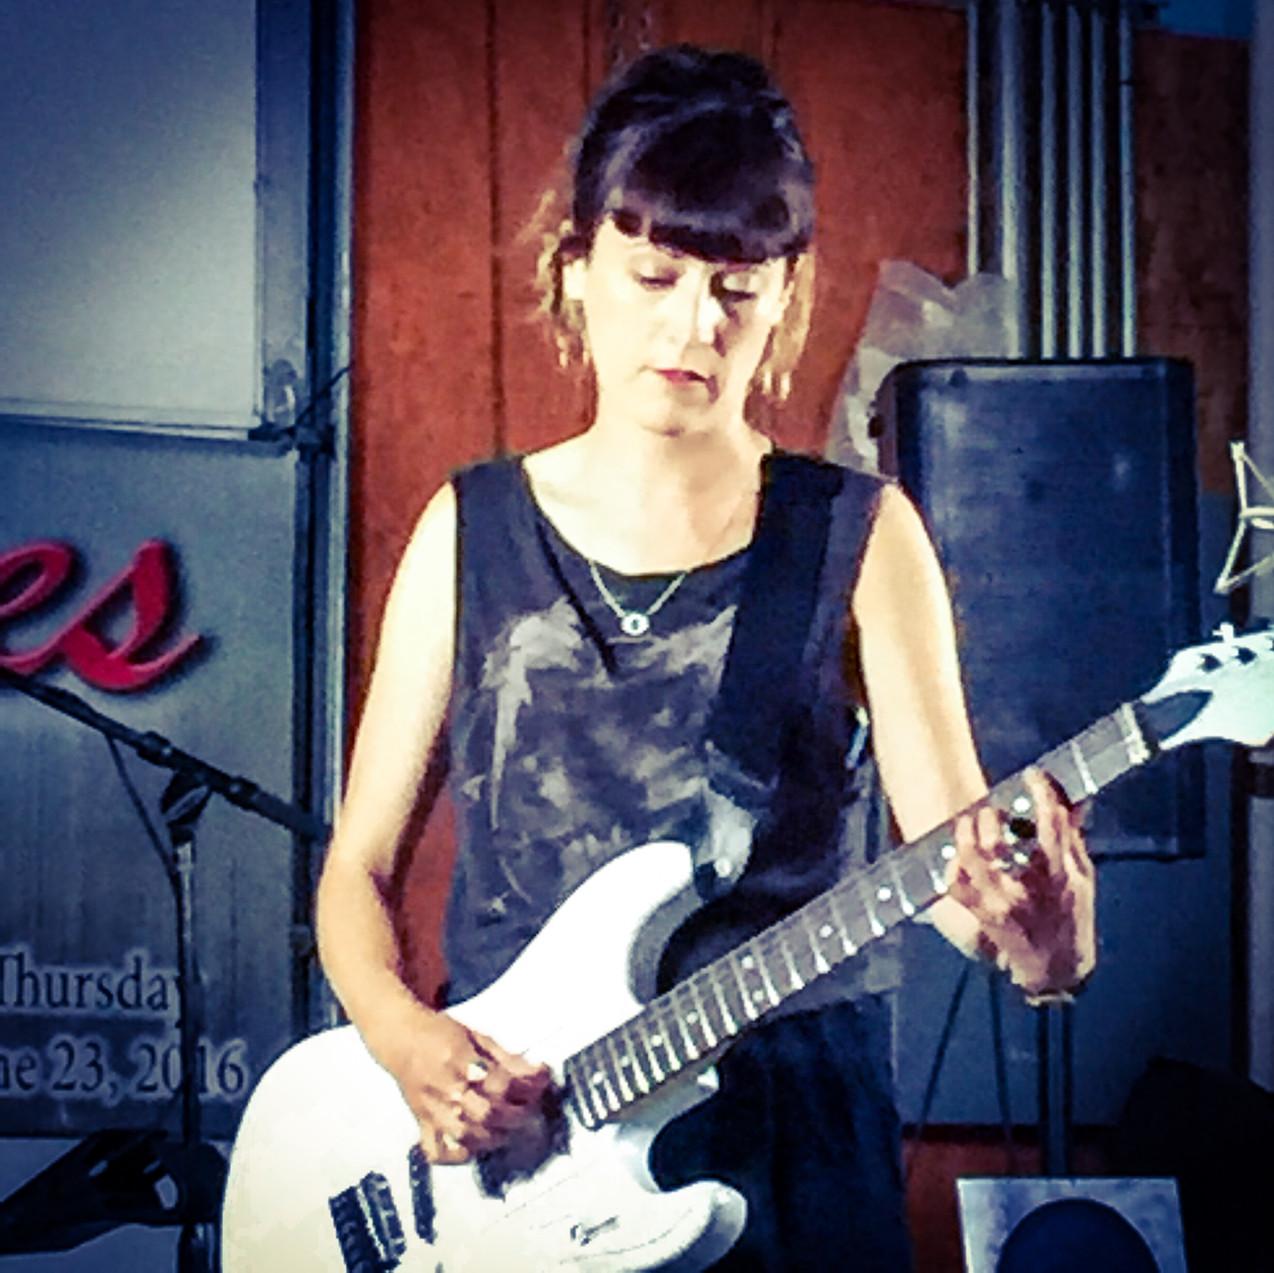 Sofar Sounds Nashville (June 23)